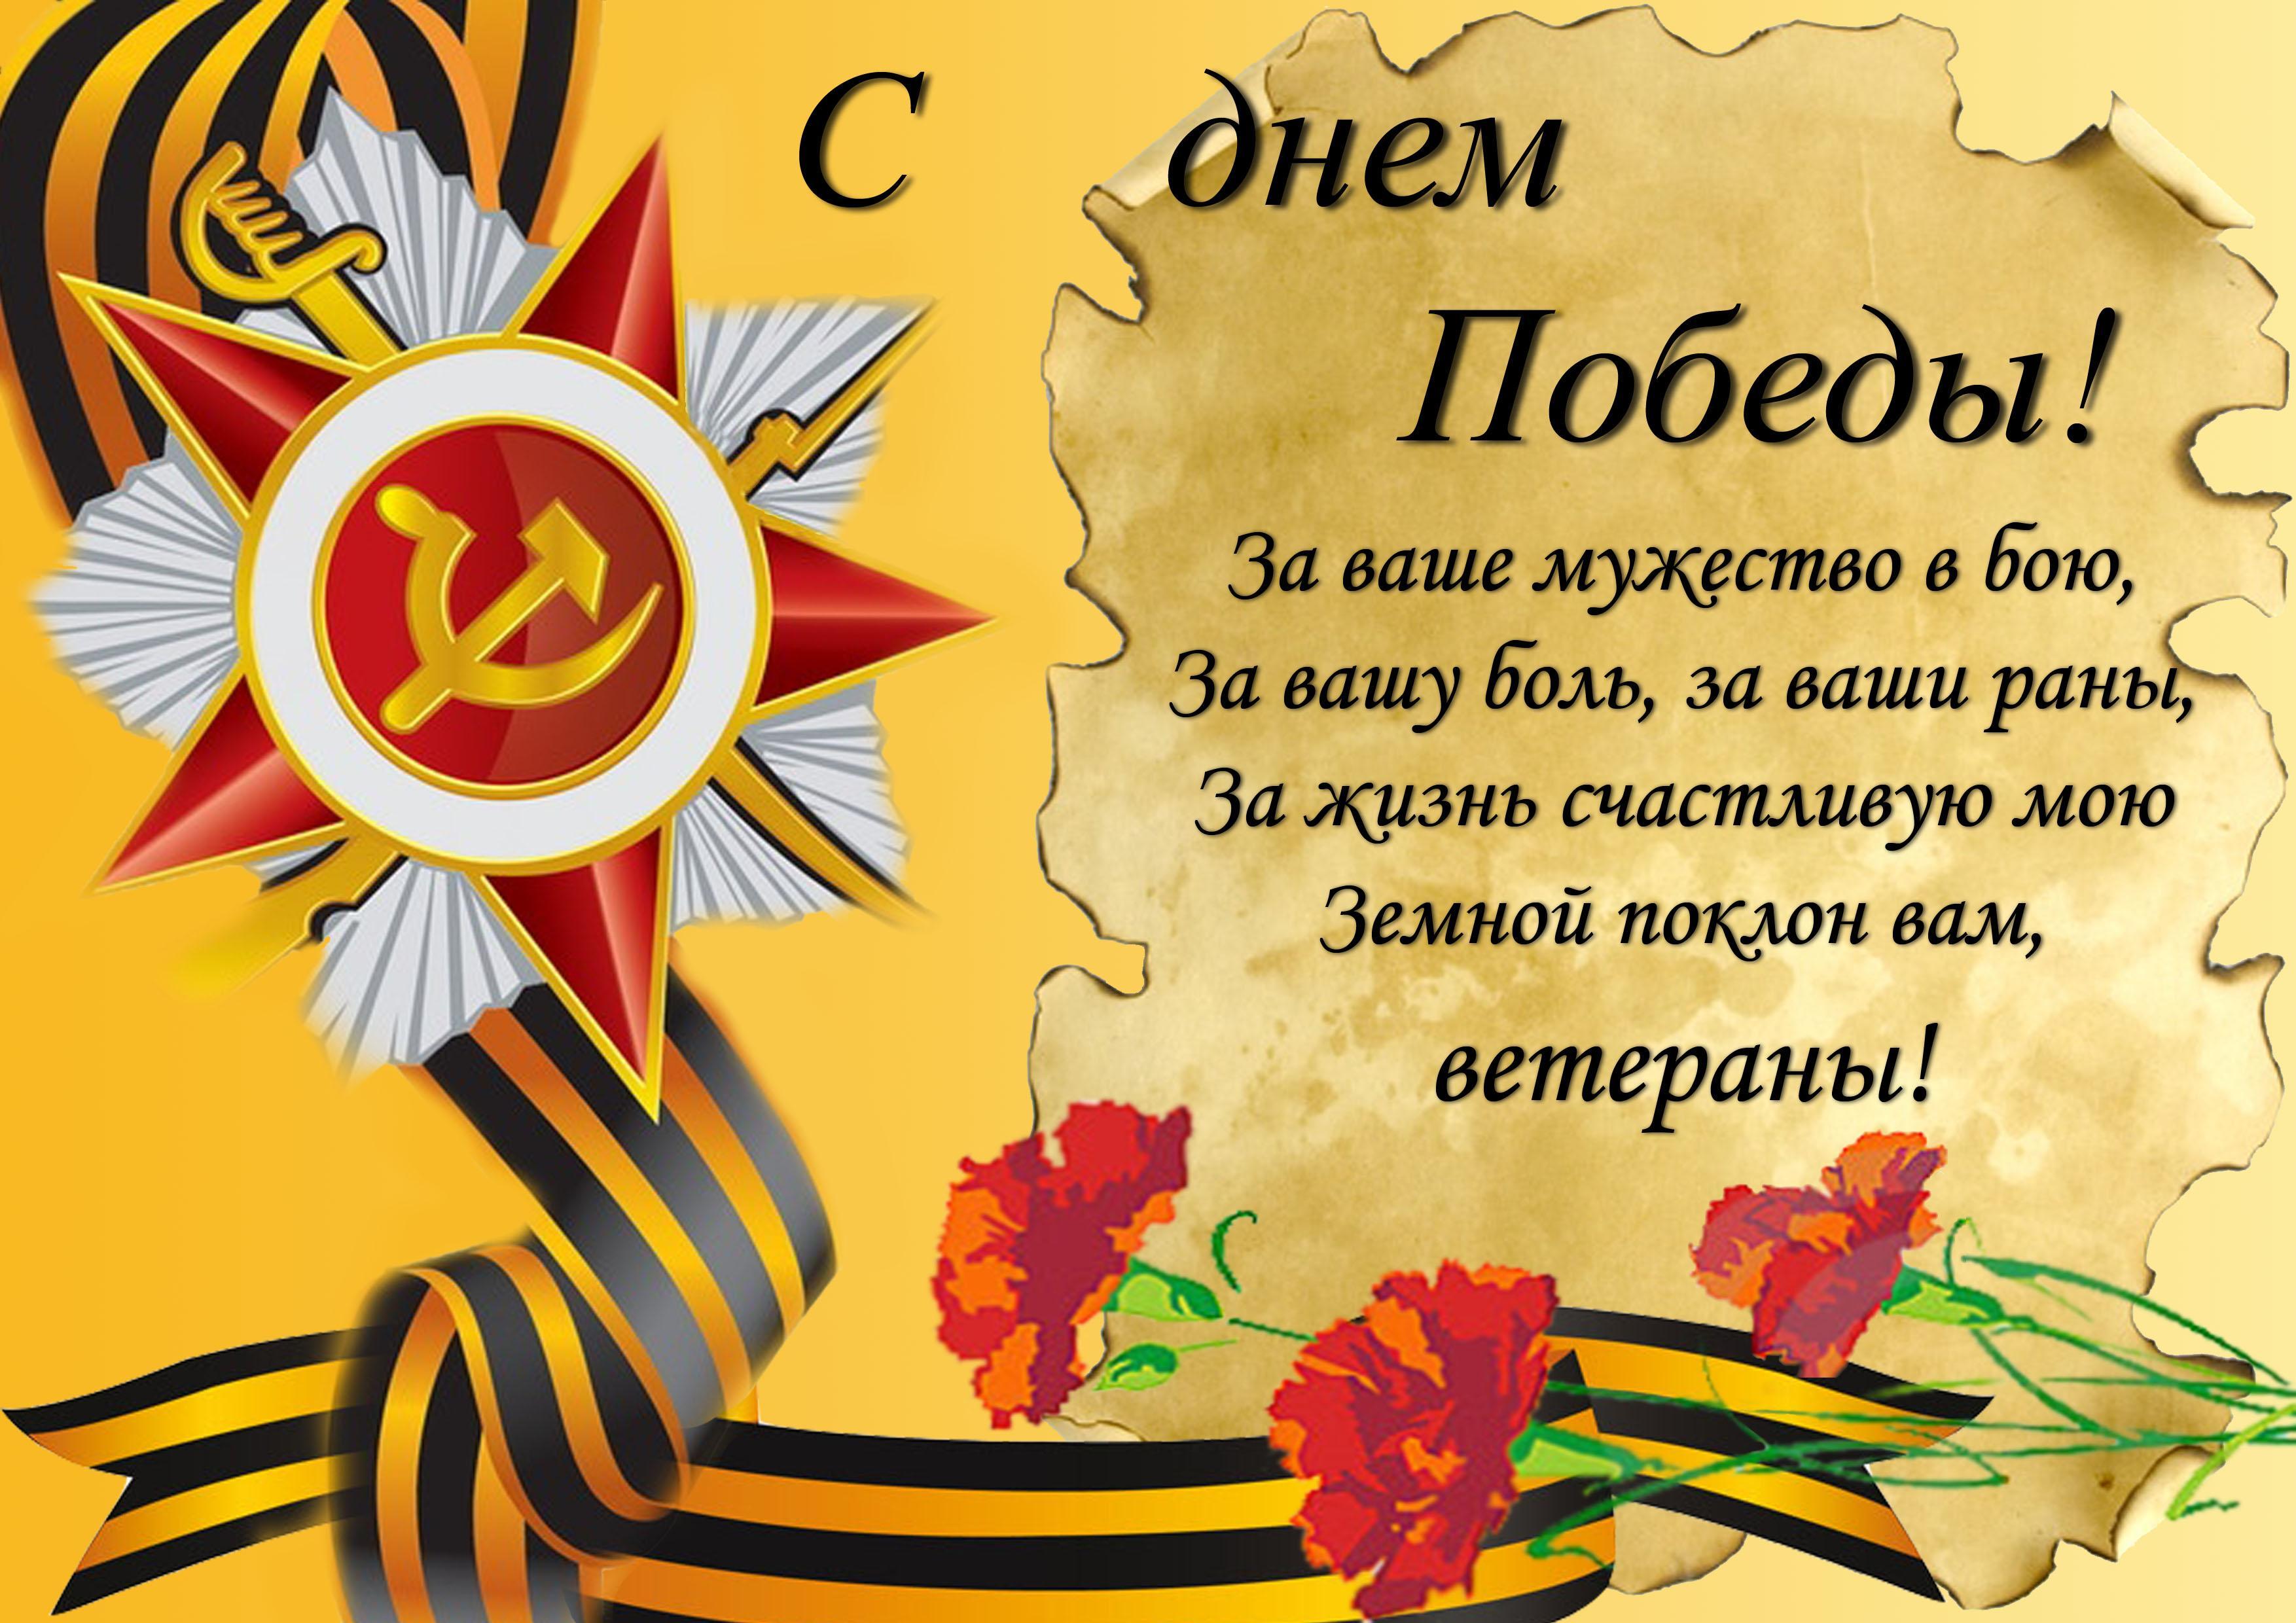 Красивые открытки и поздравления с днем великой победы - с 9 мая!